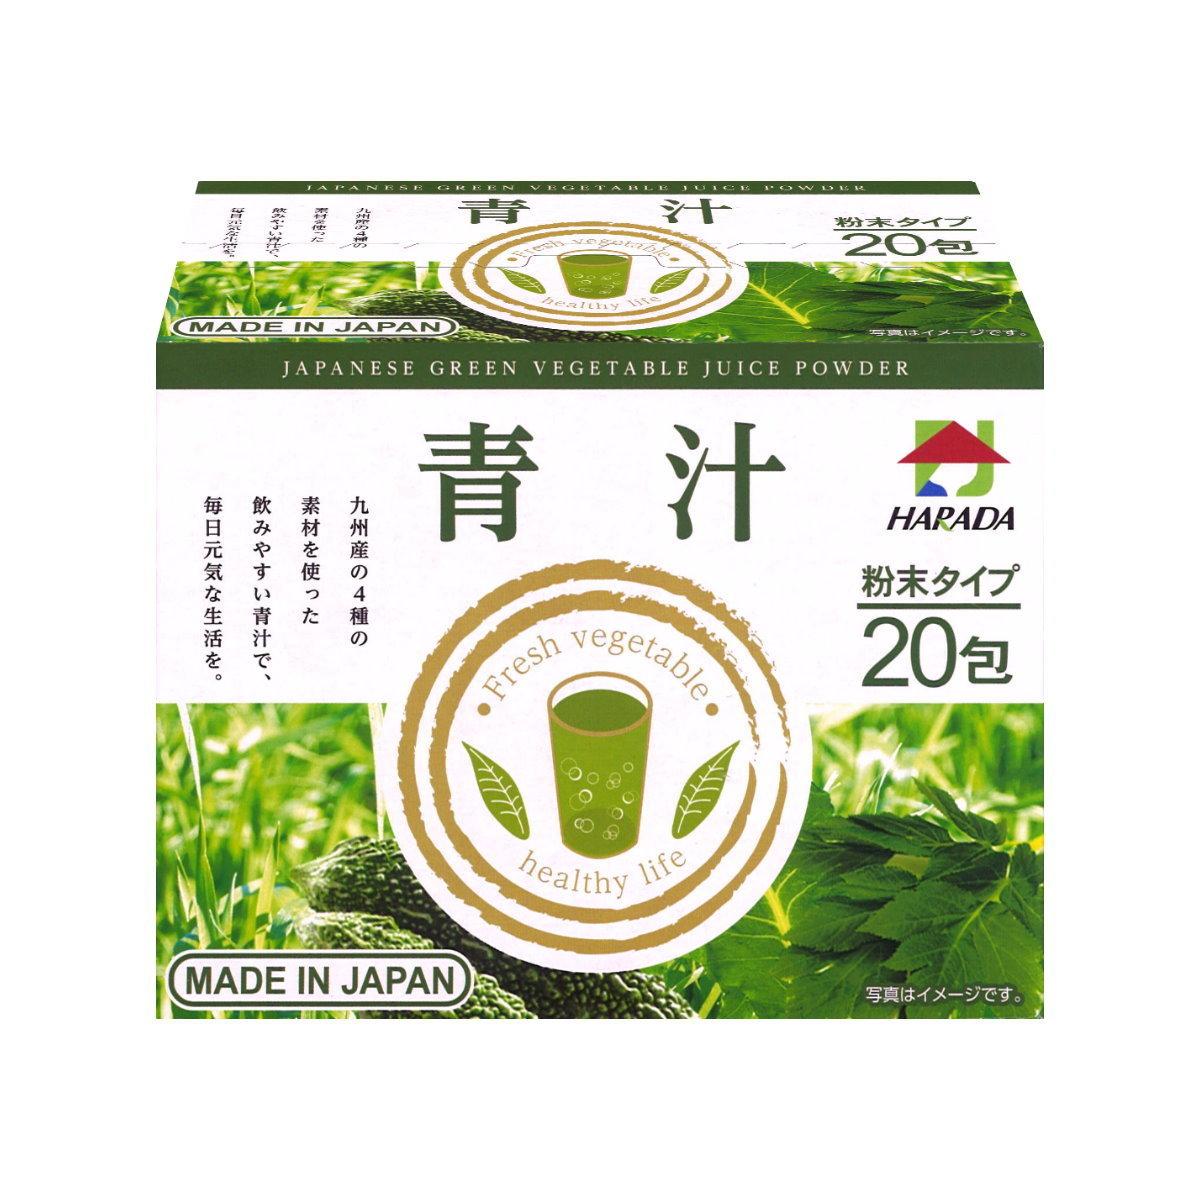 HARADA TEA – 日本原田青汁 (大麥若葉 , 羽衣甘藍 , 明日葉, 苦瓜)